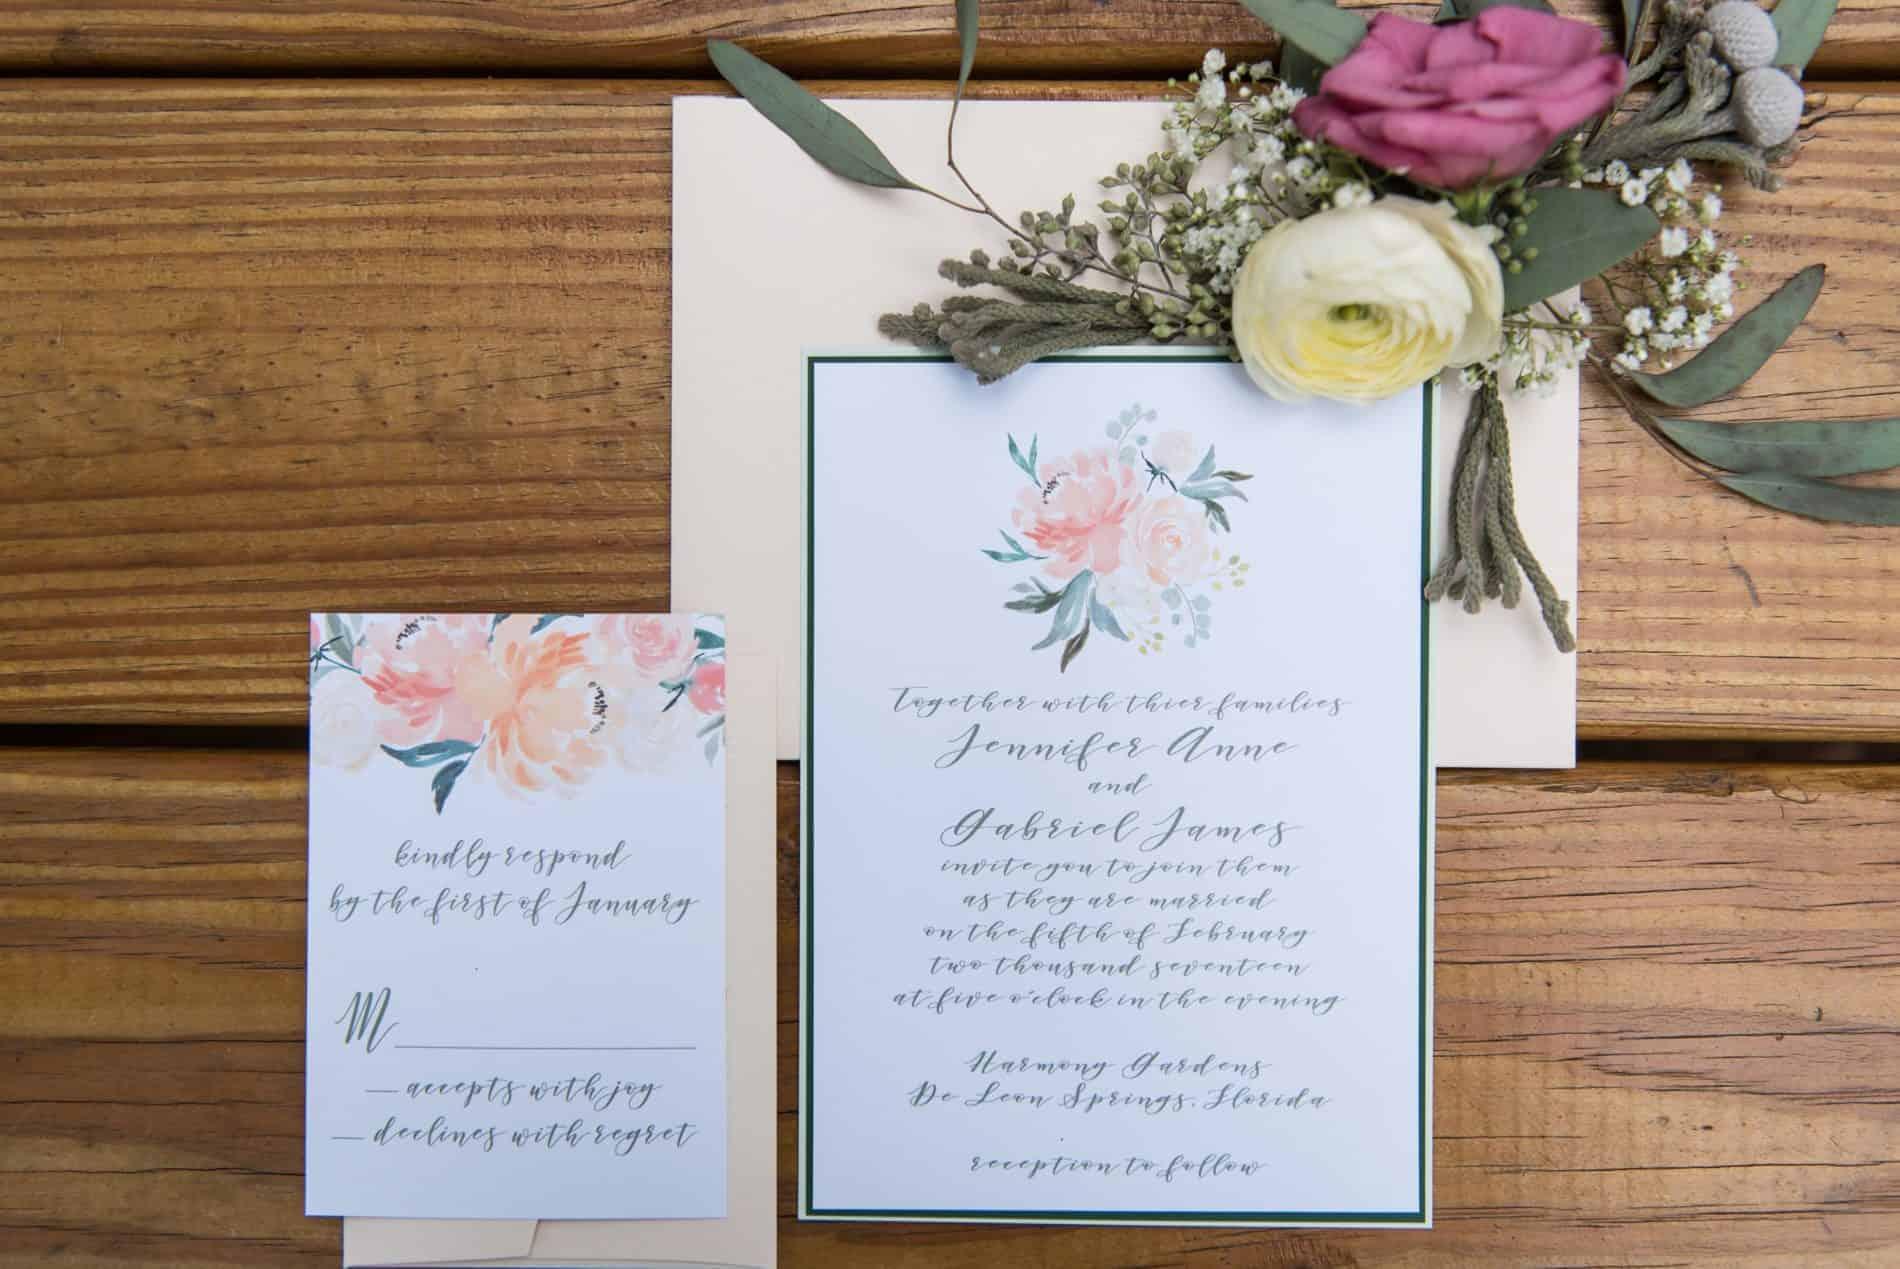 Paper Goat Post designed Amazing Invitations